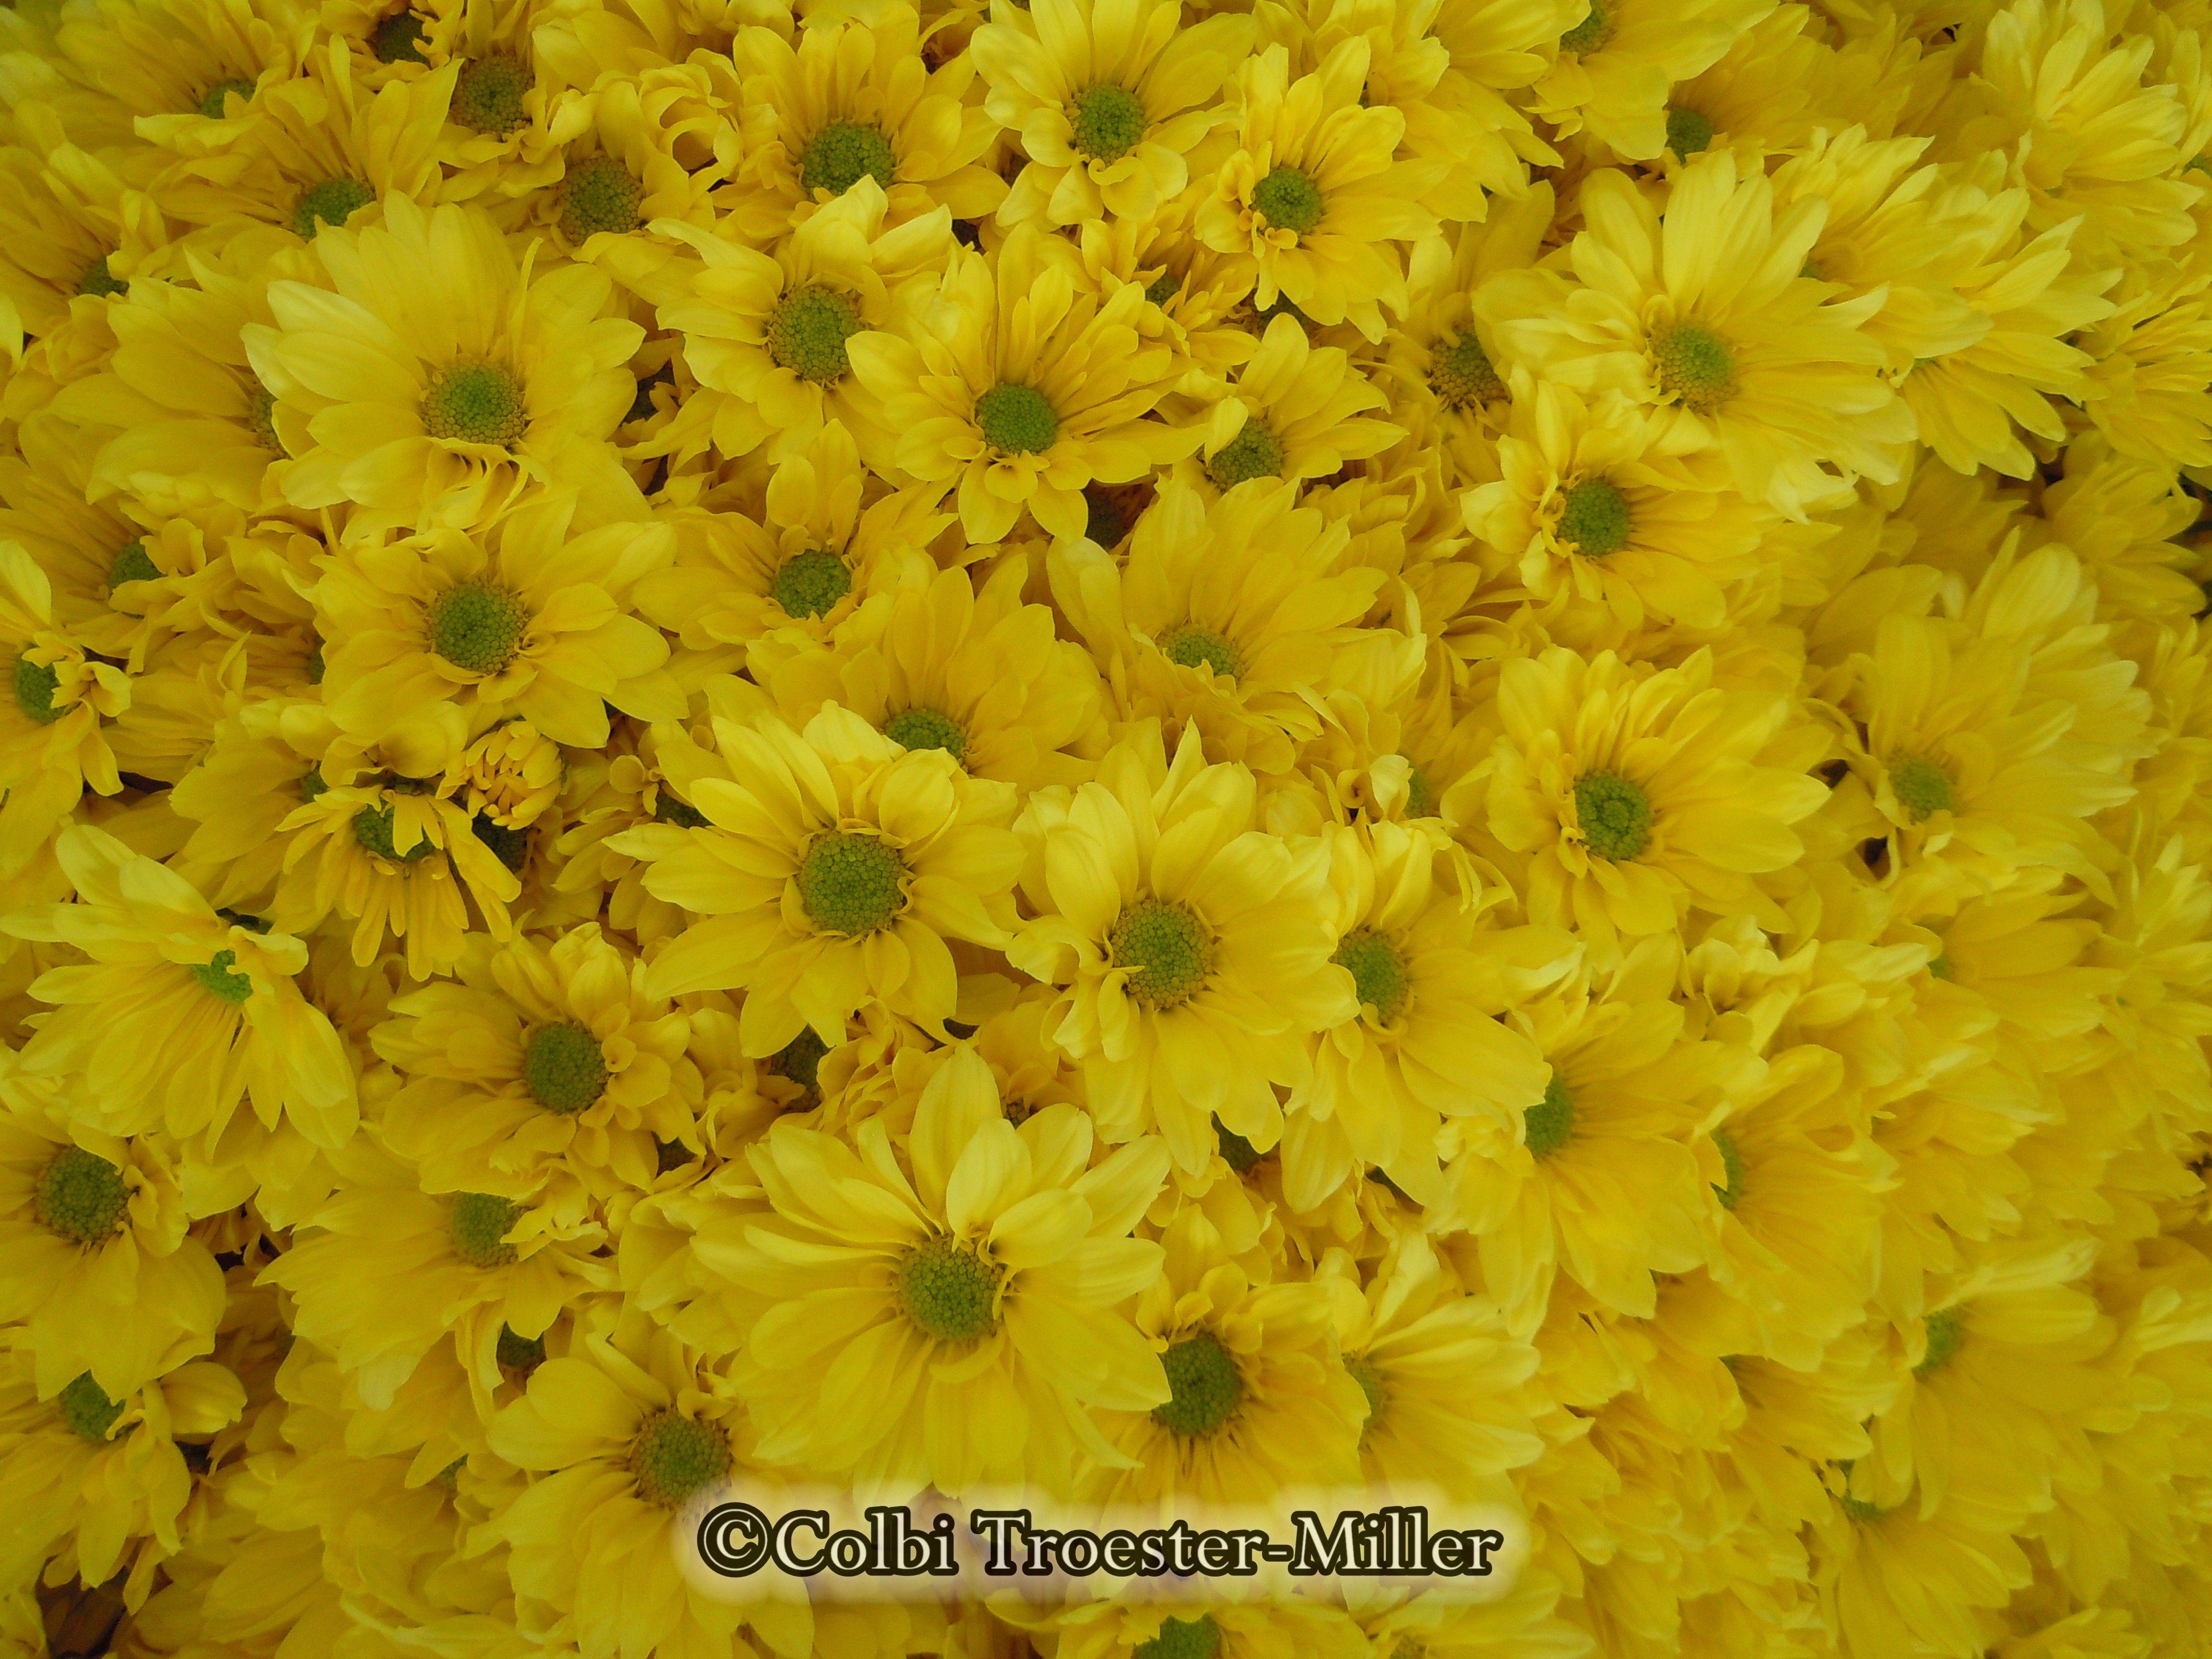 Yellow Chrysanthemums #theflowershopfairoaks